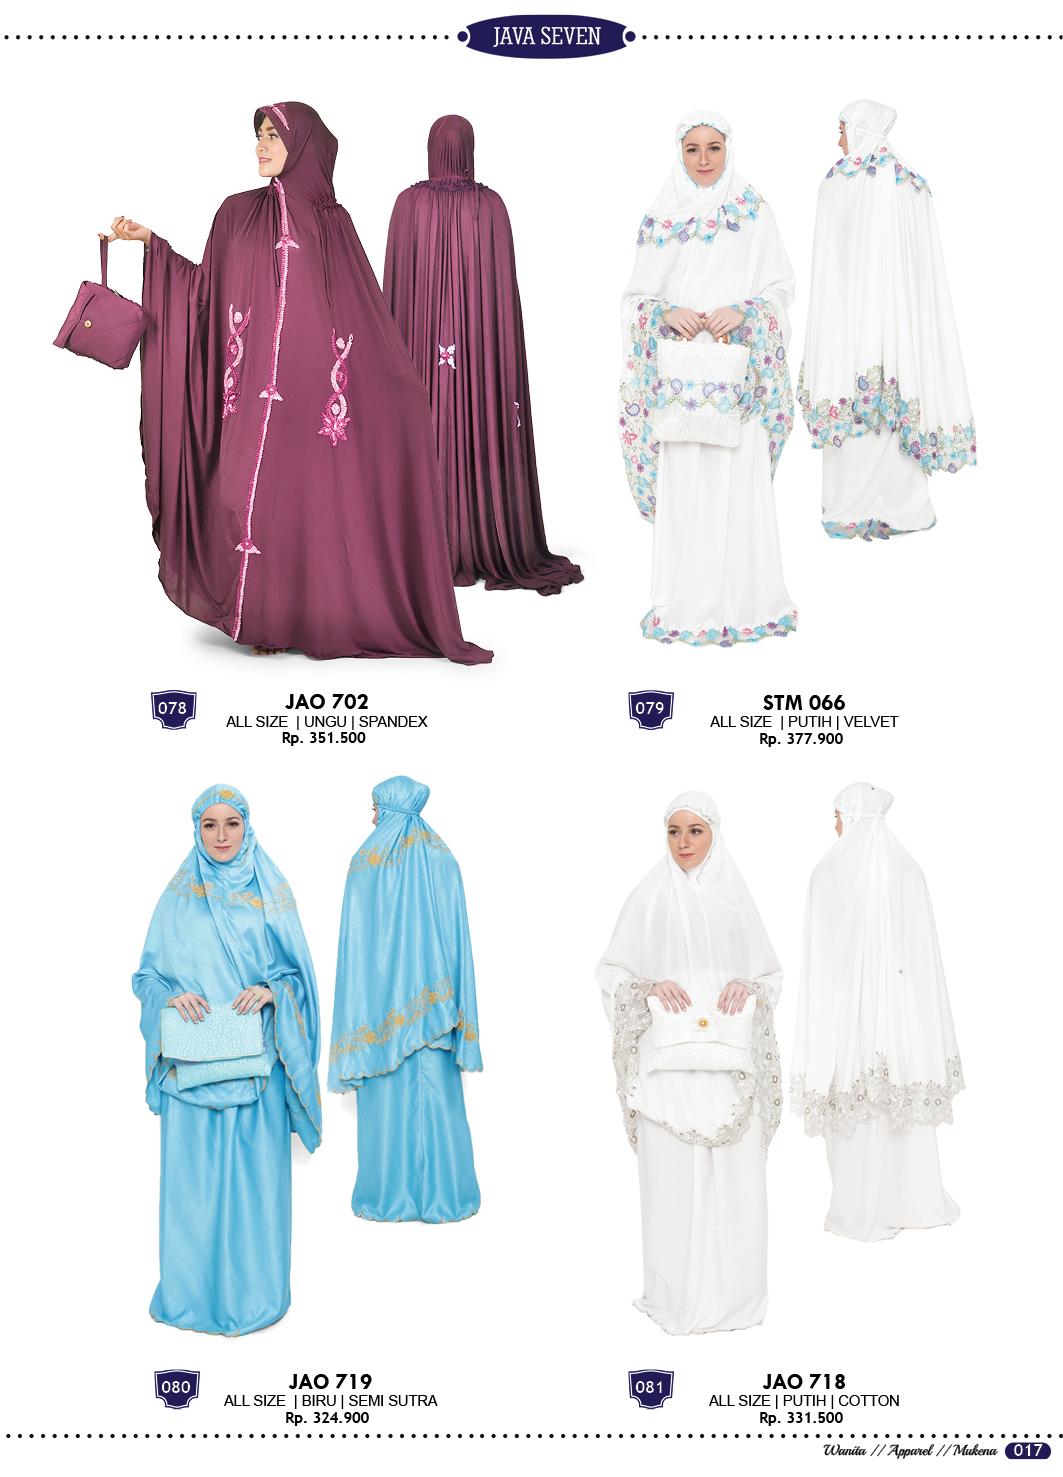 Katalog Terbaru Java Seven 2017-2018 Fashion Pria Wanita